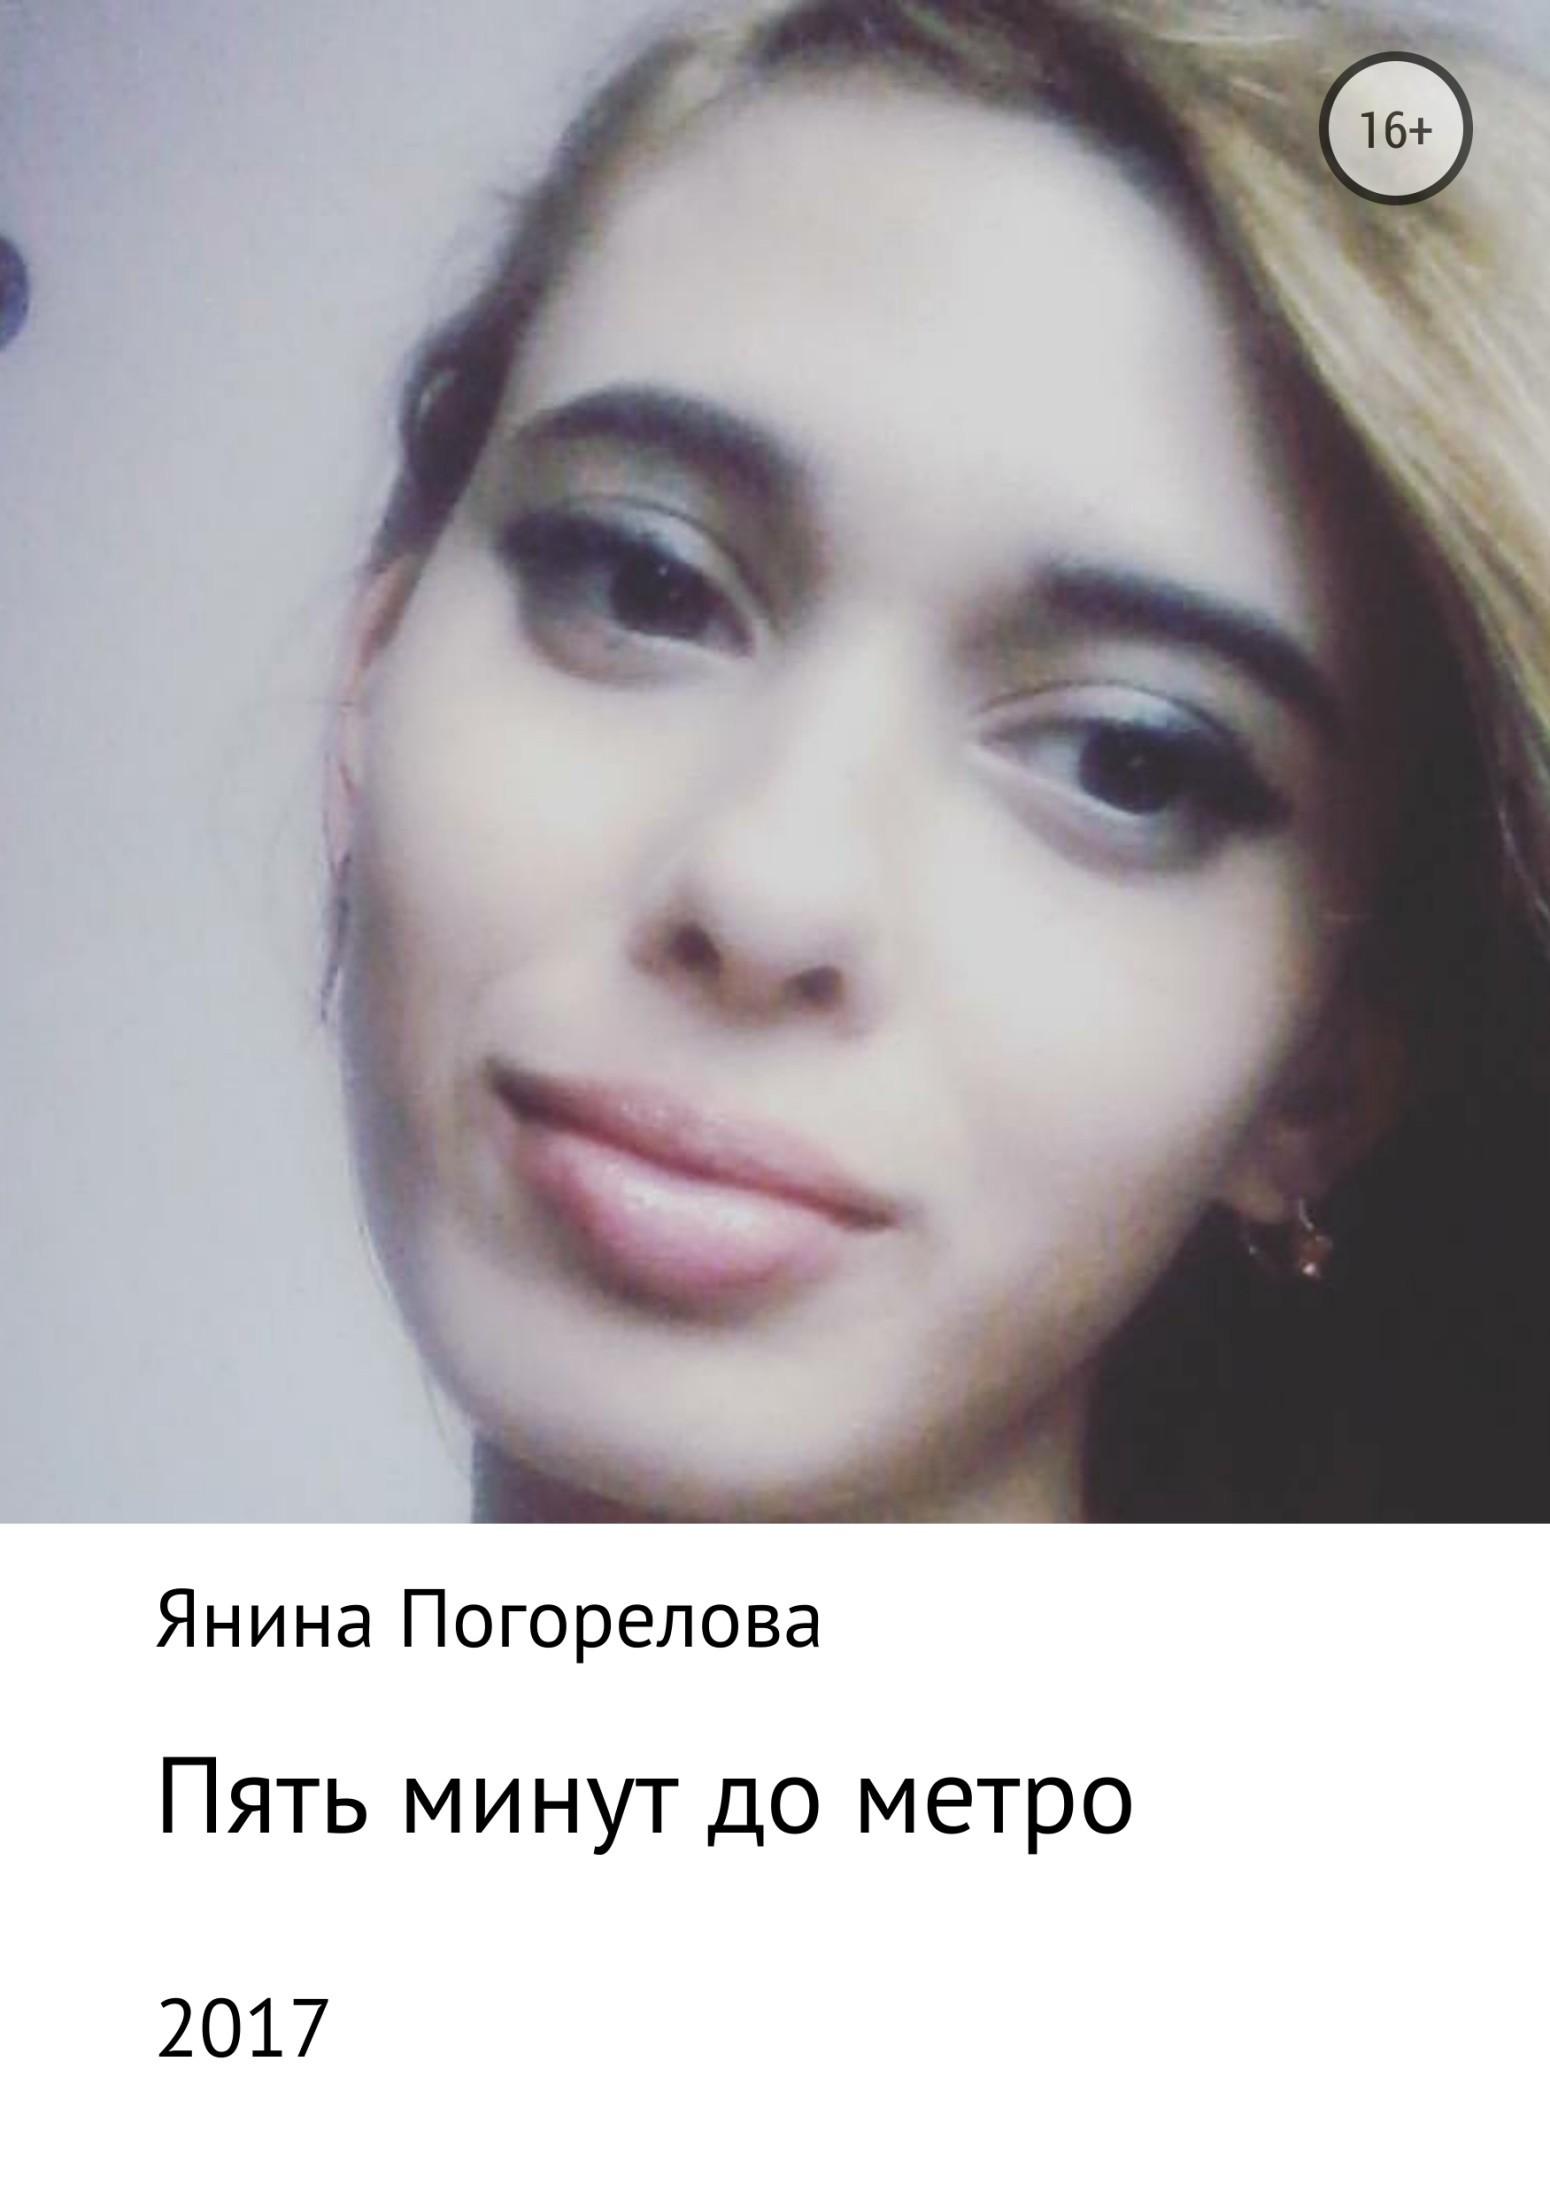 Янина Сергеевна Погорелова бесплатно